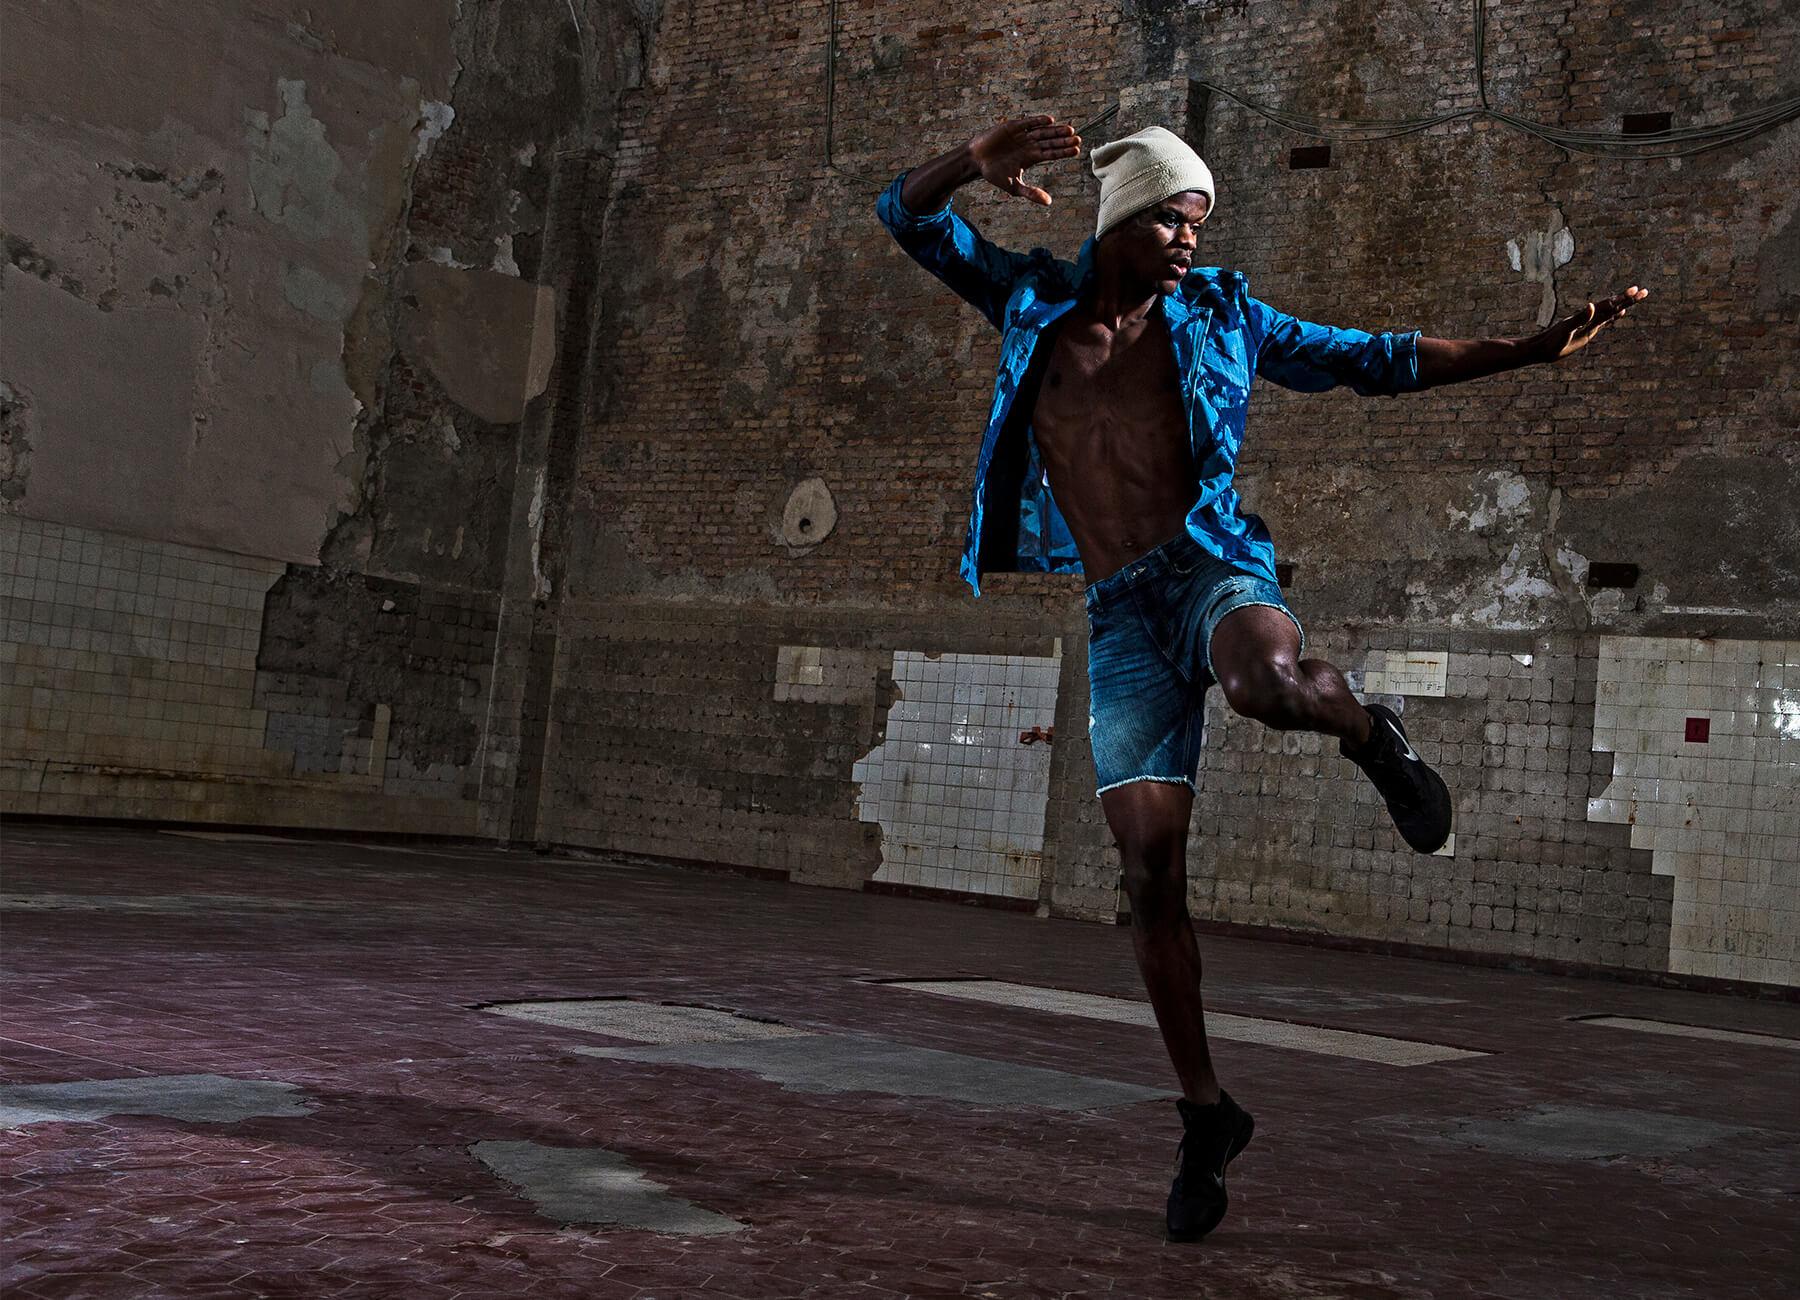 Dancer_5